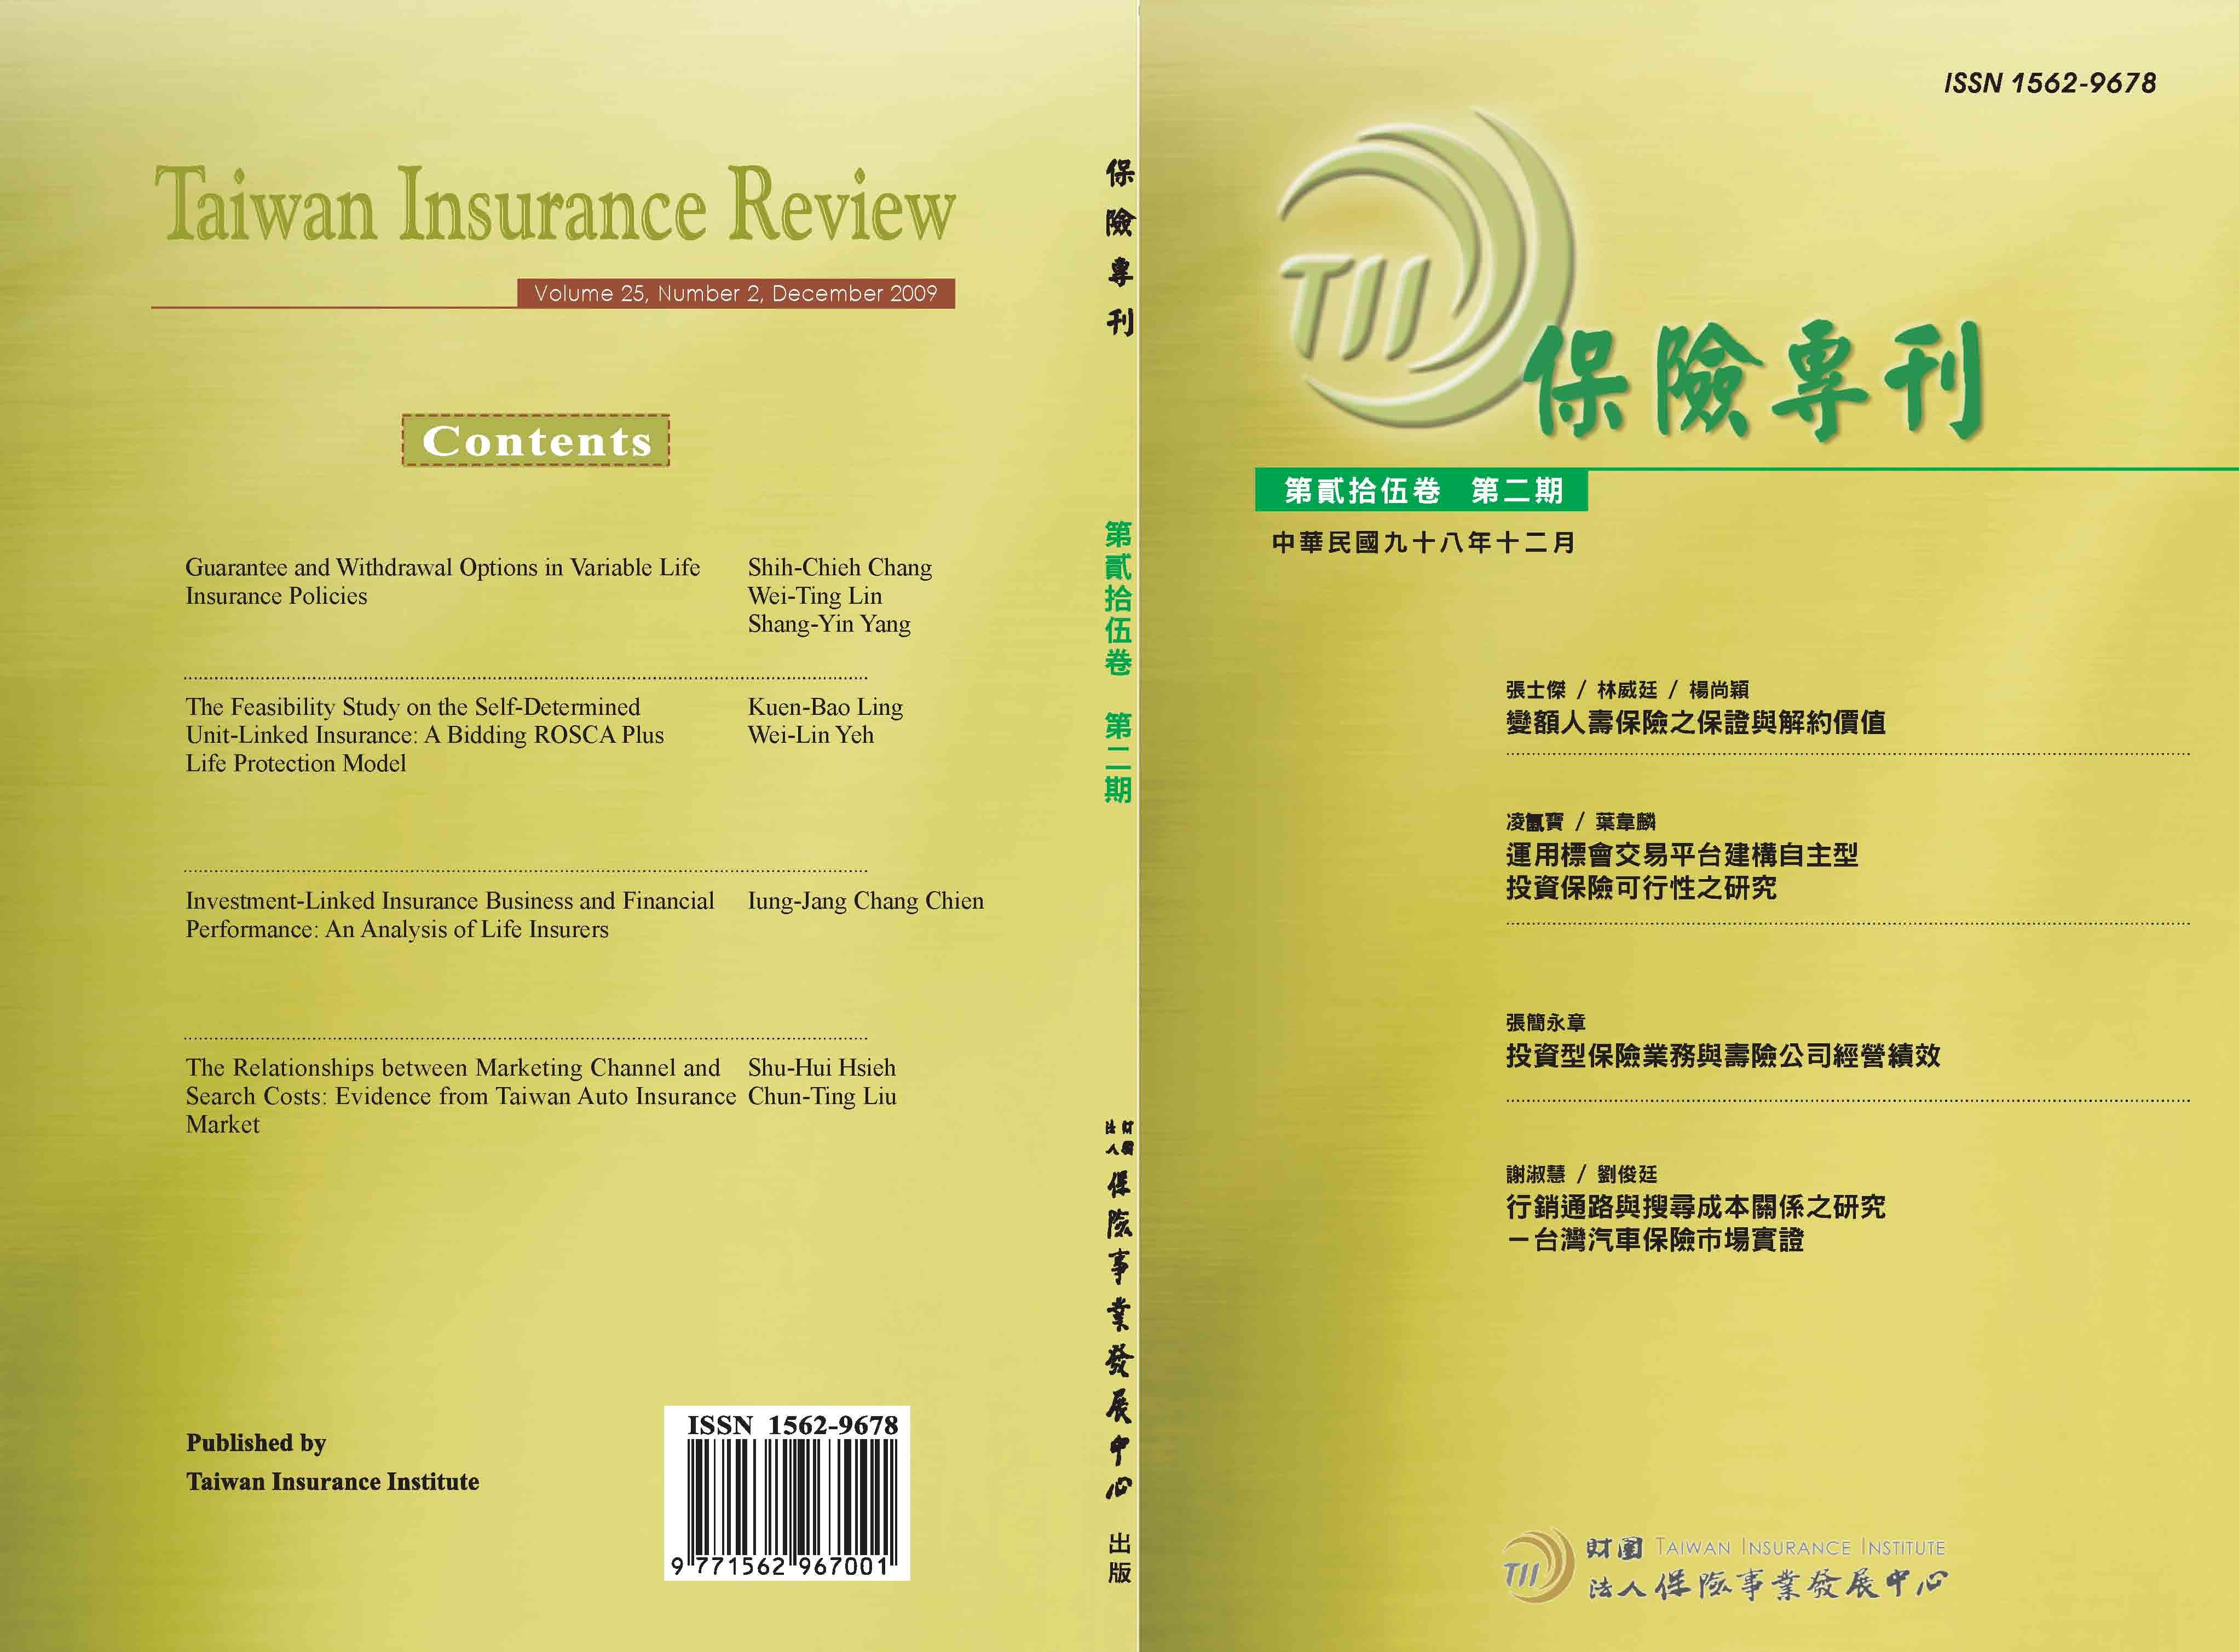 變額人壽保險之保證與解約價值